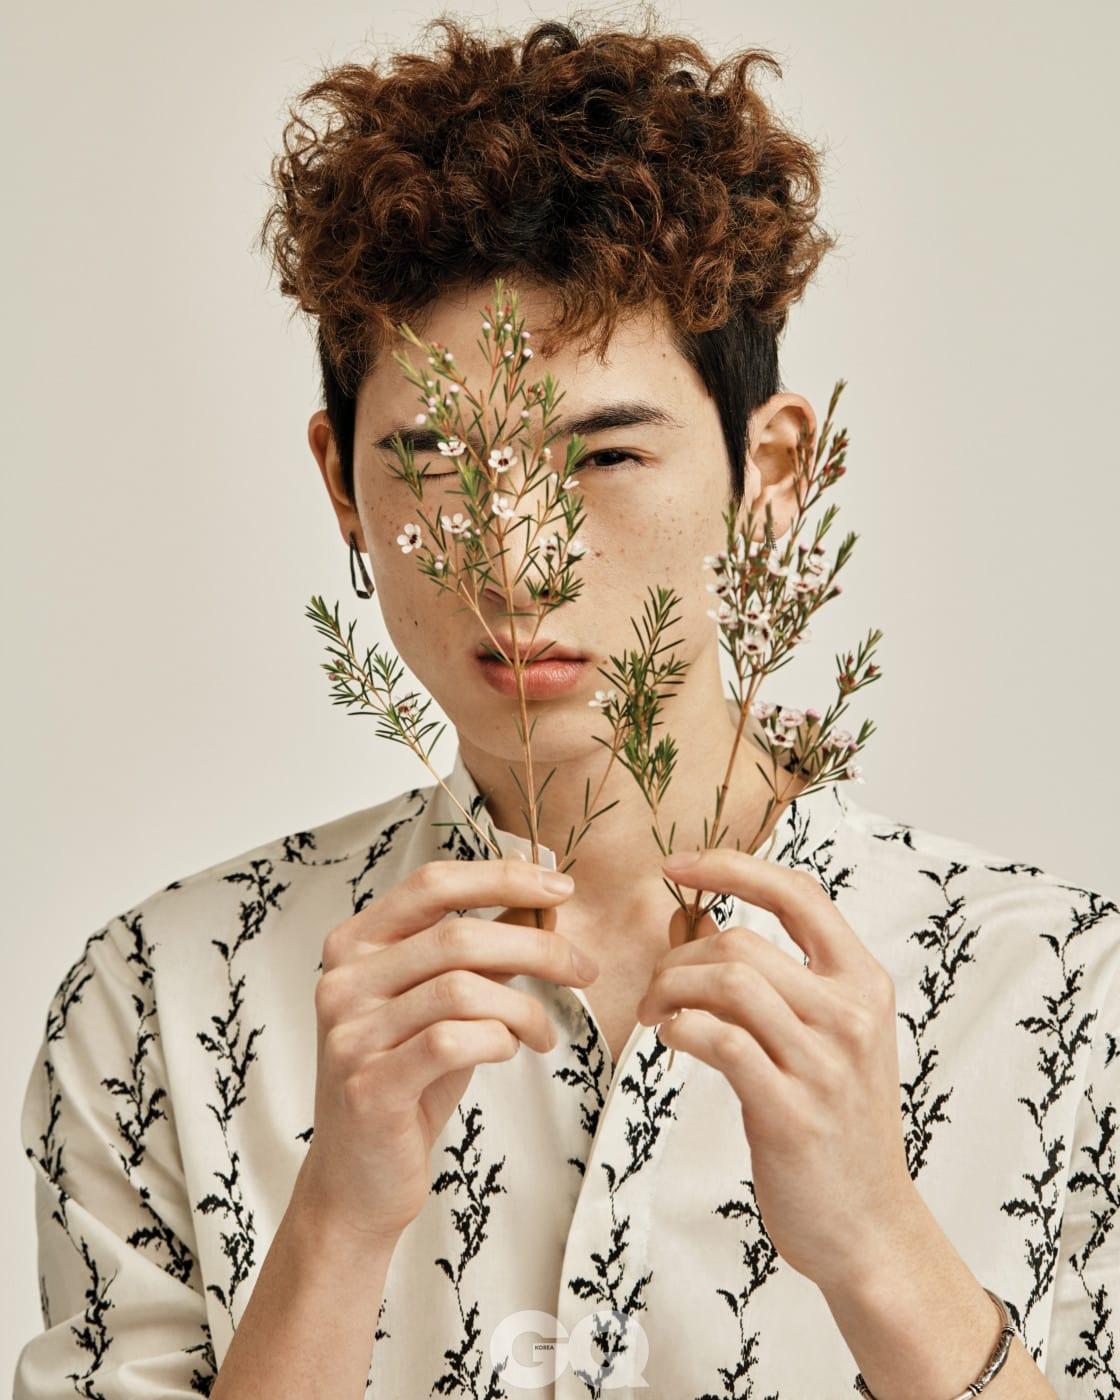 식물 패턴 셔츠 1백13만5천원, 실버 뱅글 80만5천원, 모두 생 로랑 by 안토니 바카렐로. 귀고리 12만1천원, 불레또.